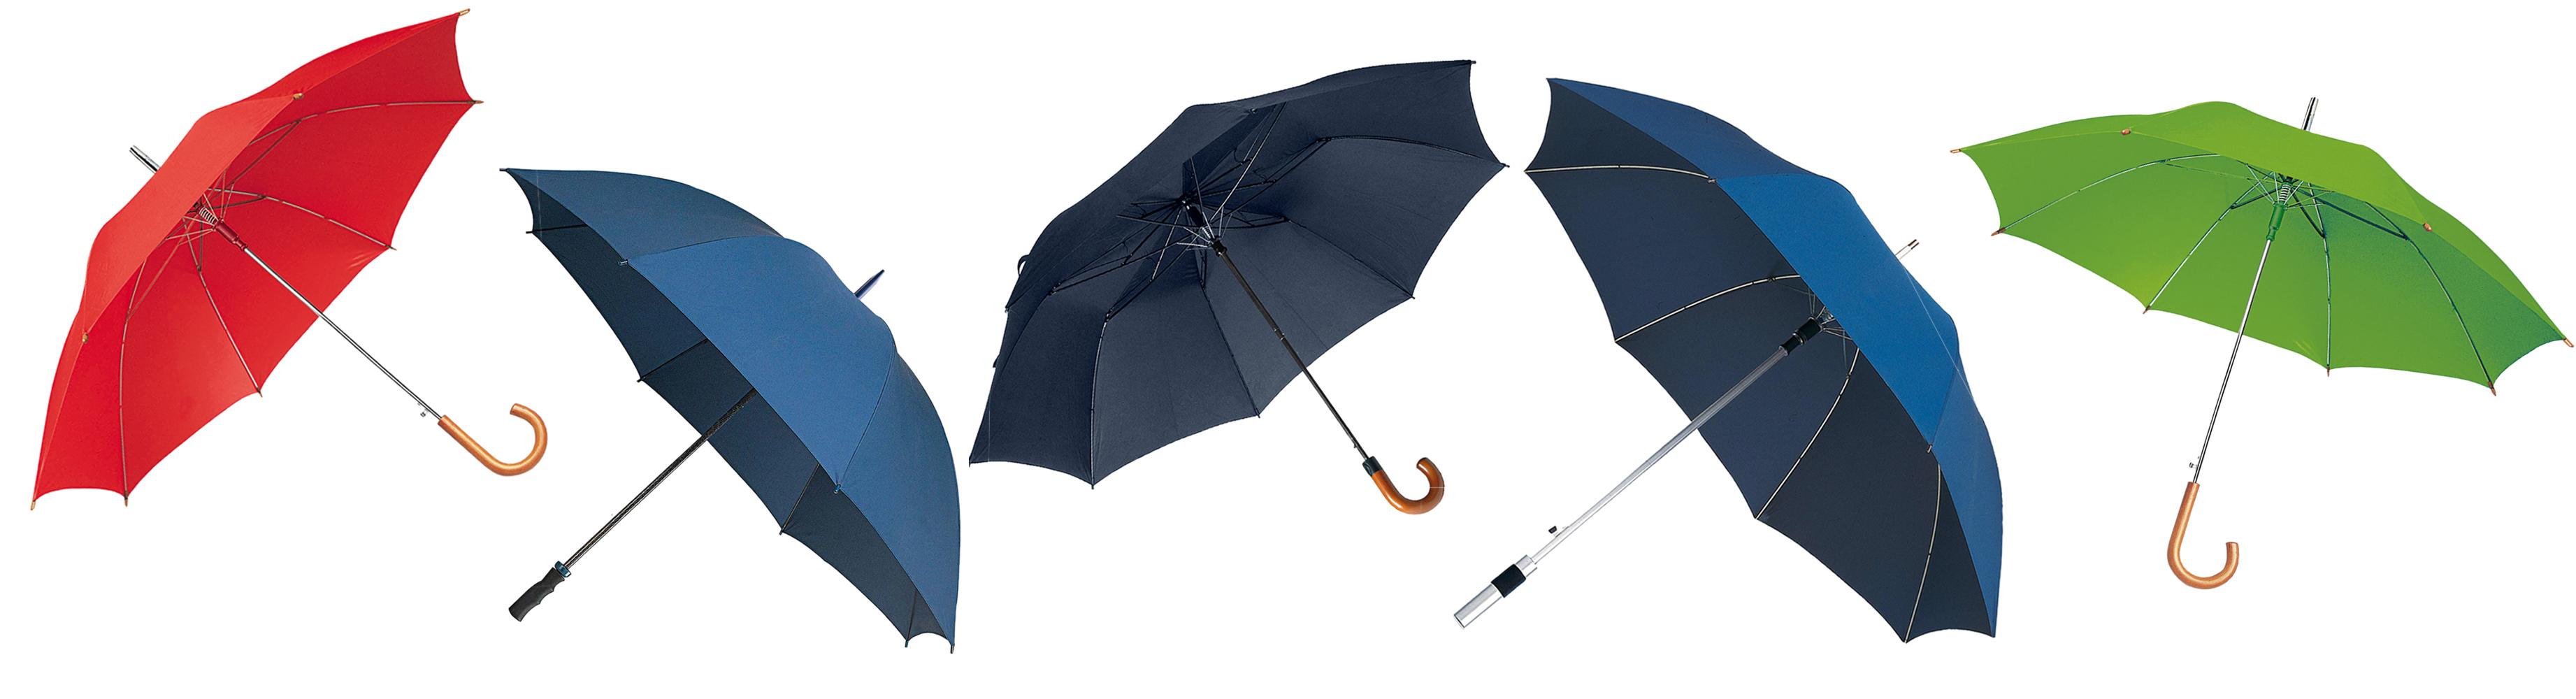 ombrelli modello golf